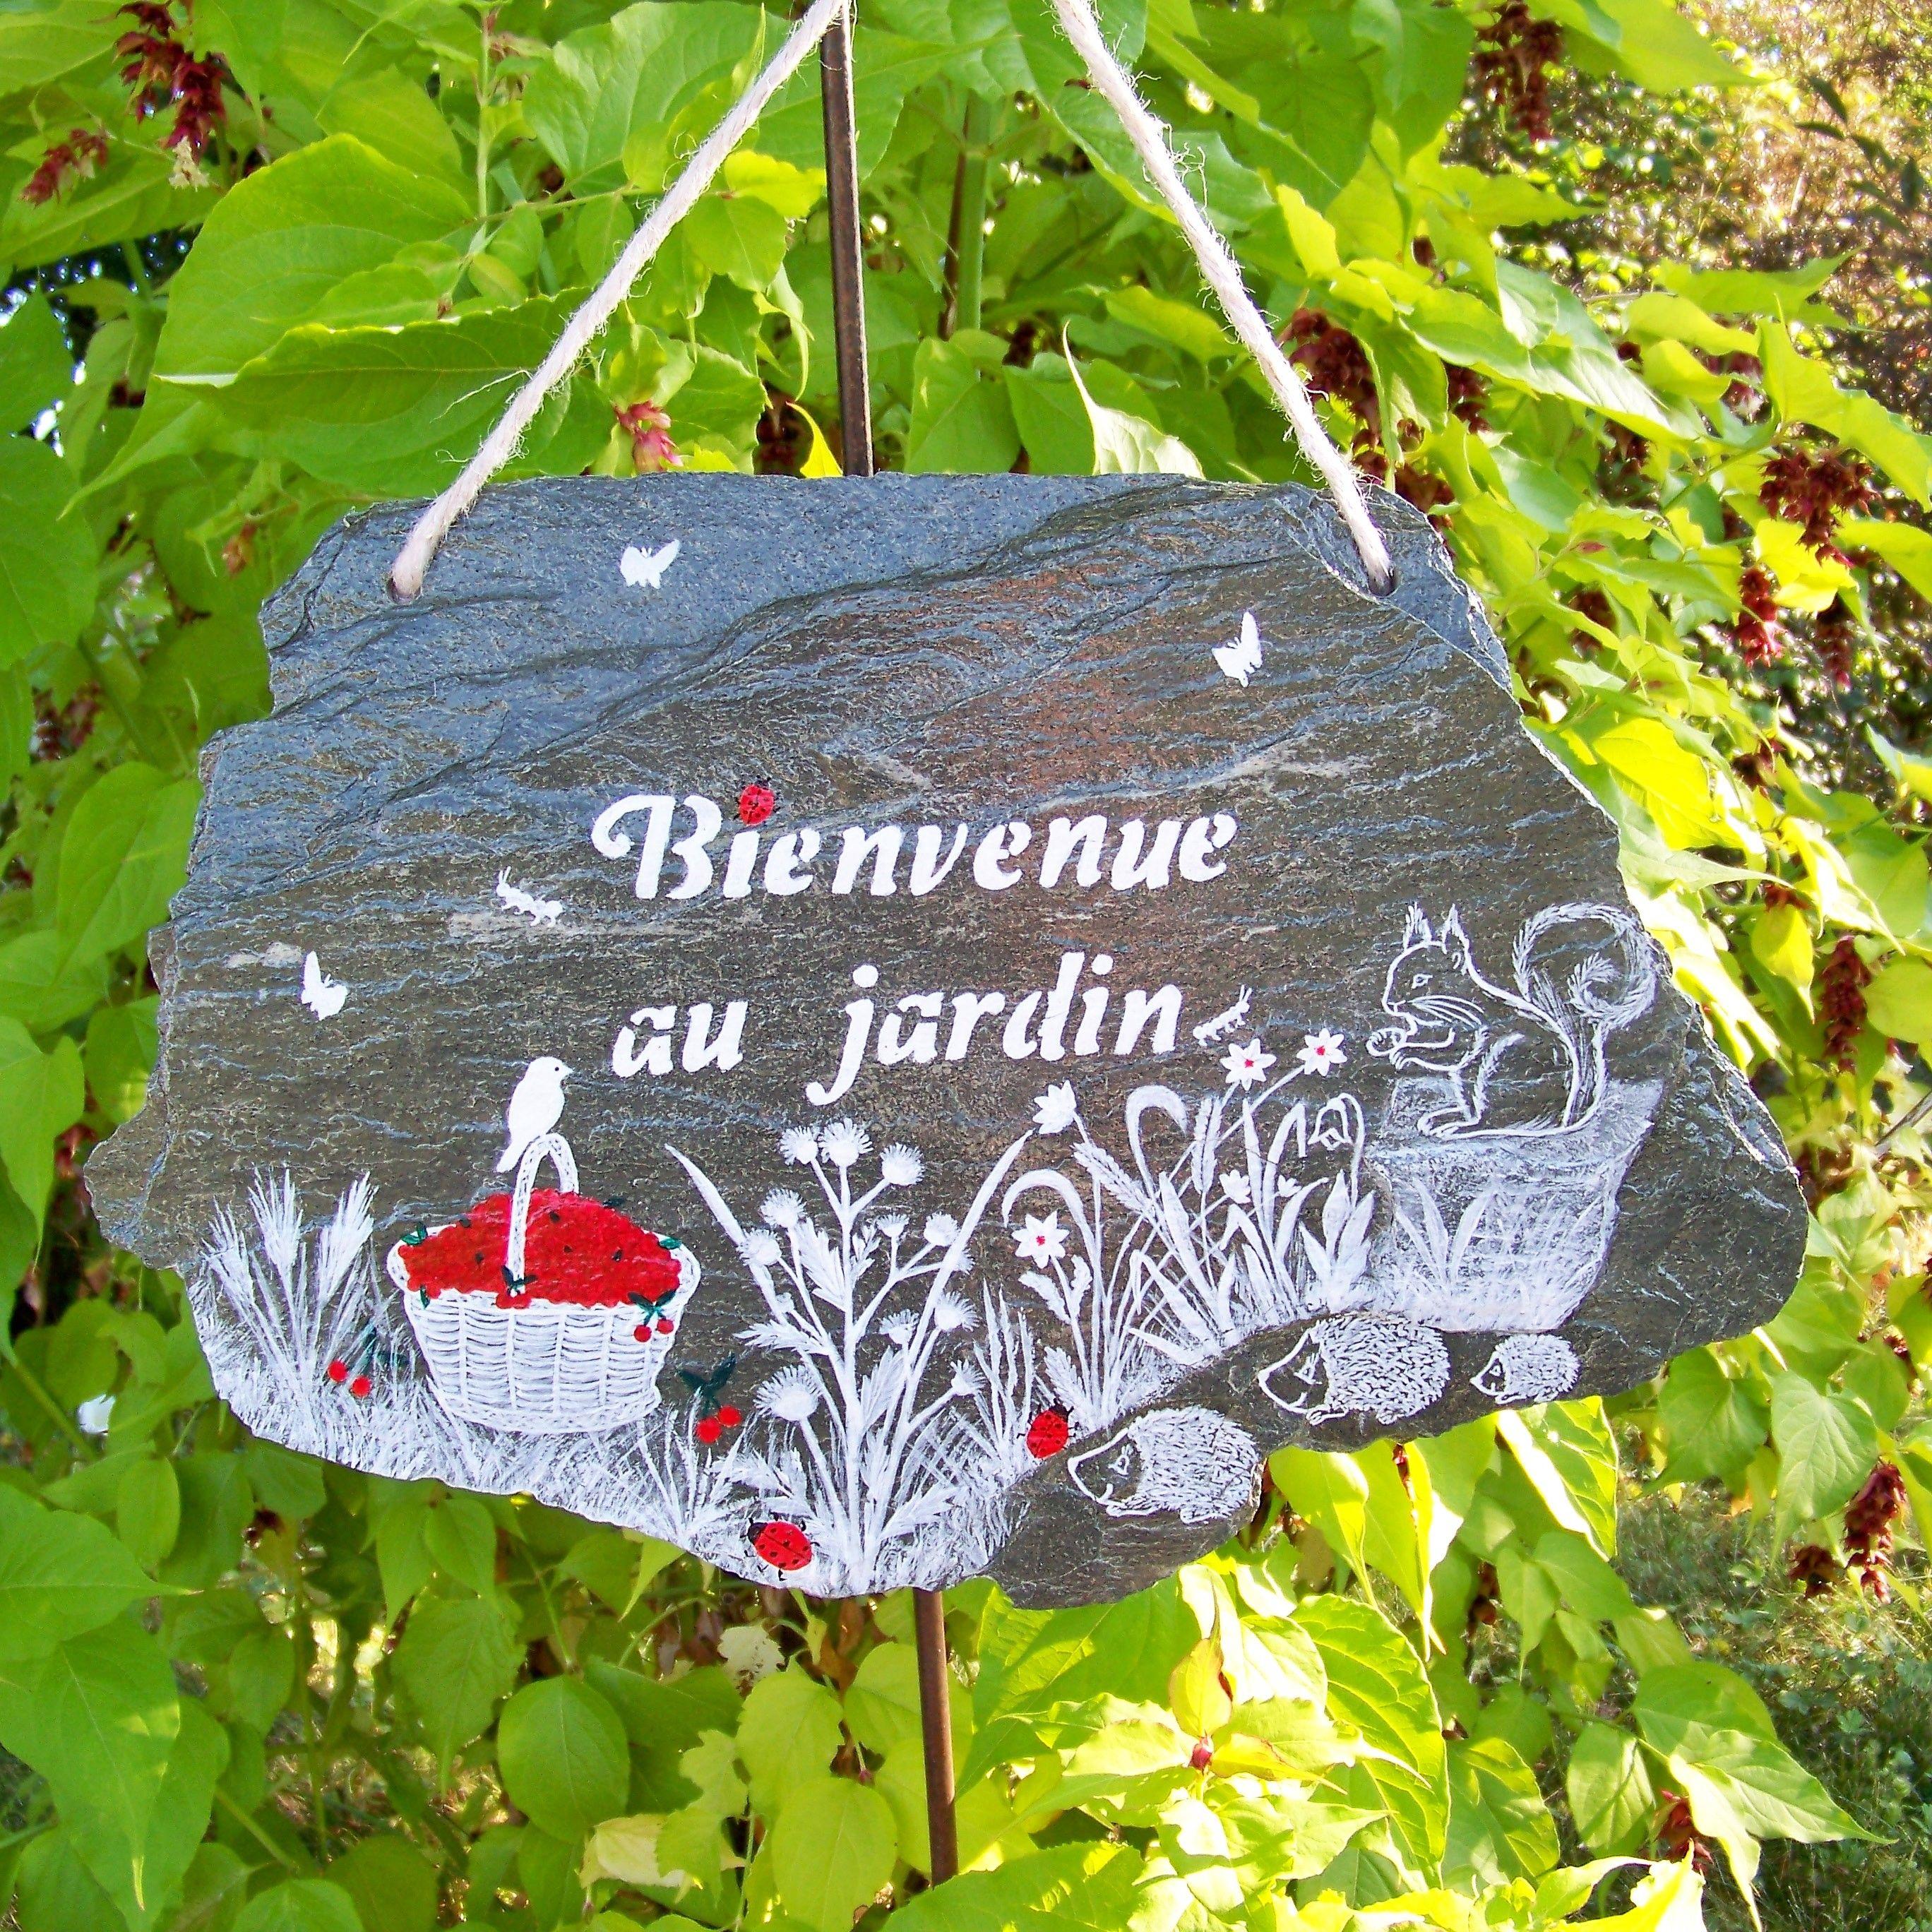 Ardoise Personnalisee Peinte Main Bienvenue Decoration De Jardin Plaque De Maison Numero De Maison Artisanat By Cr Decoration Jardin Idees Jardin Jardins